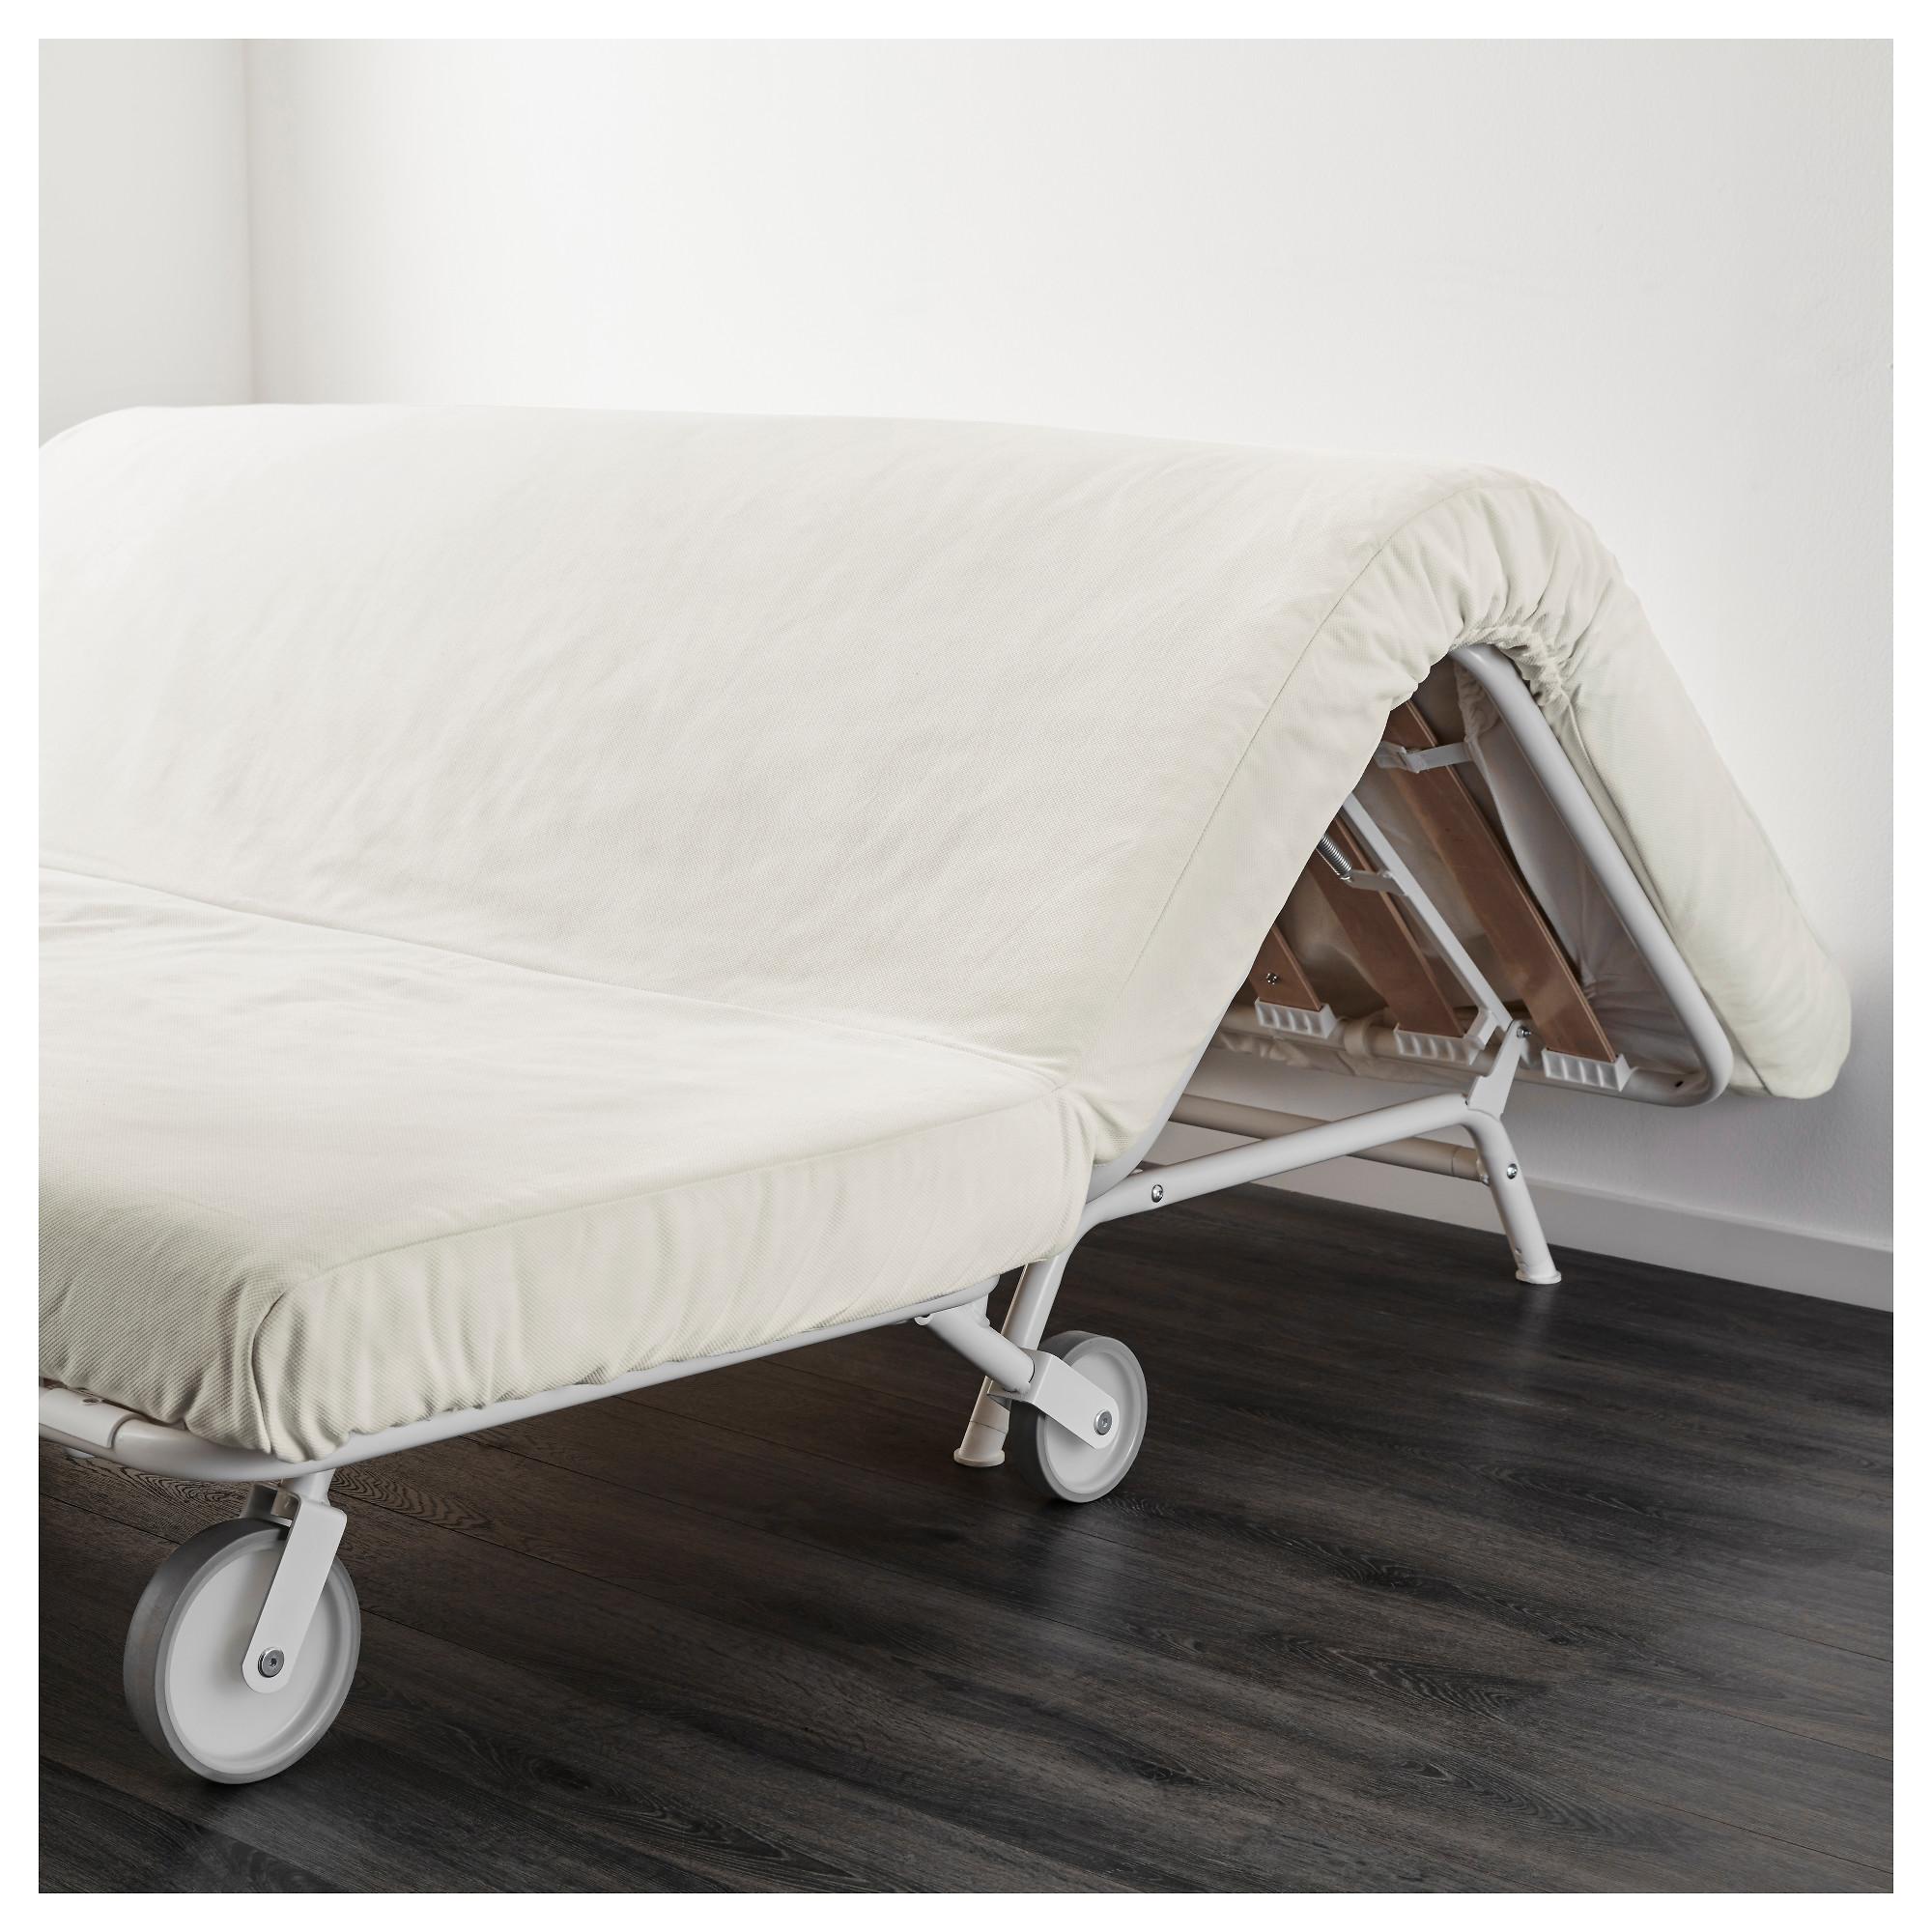 купить 2 местный диван кровать икеапс лёвос грэсбу белый в Ikea